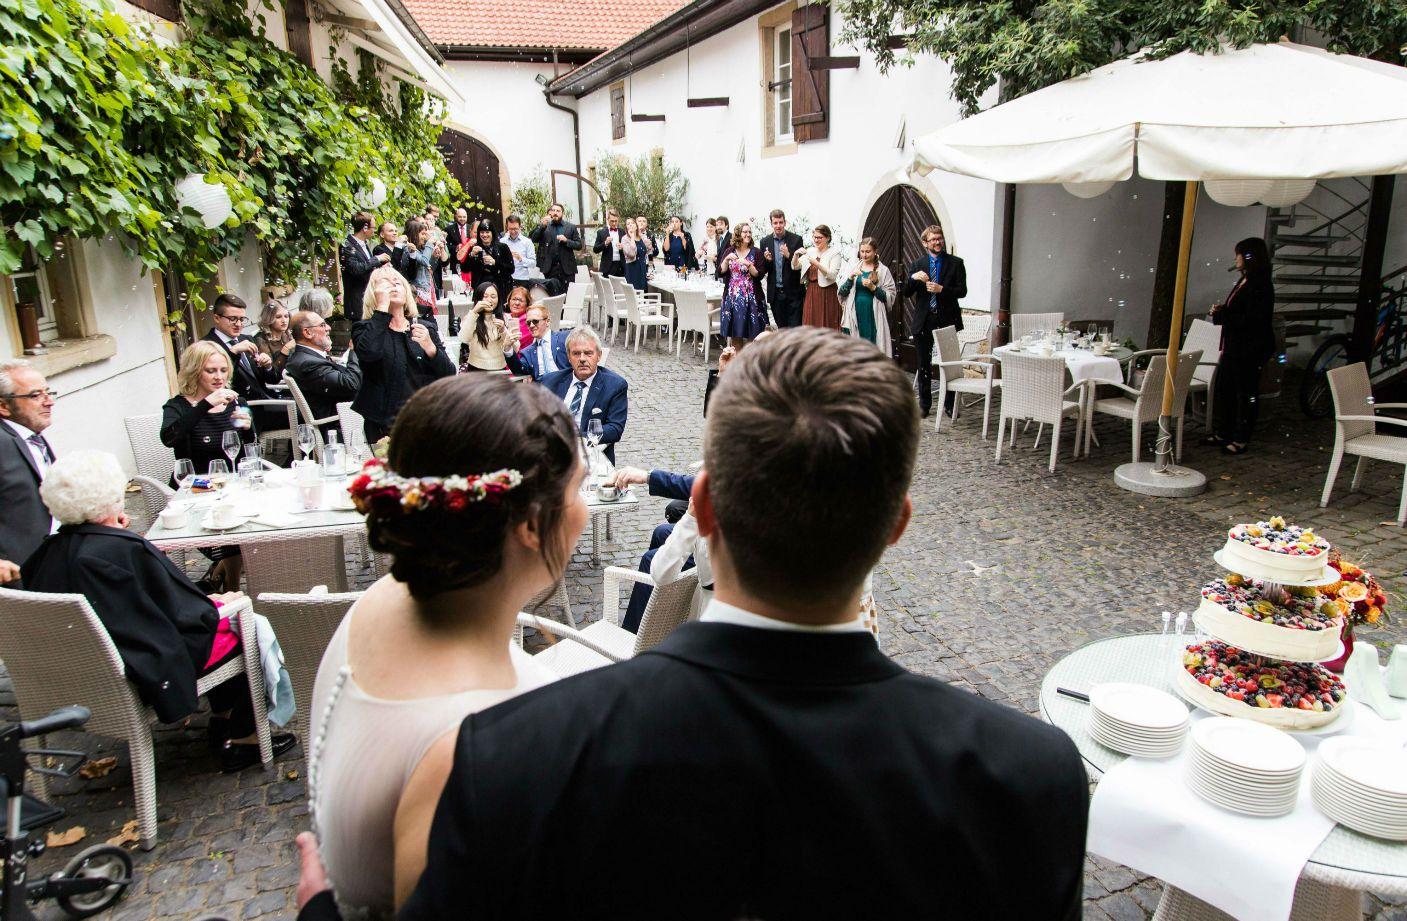 Heiraten In Der Pfalz Hier Freinsheimer Hof Eine Wunderschone Hochzeitslocation Mitten In Der Altstadt Von Freinsheim Mehr Hochzeitslocation Heiraten Trauung